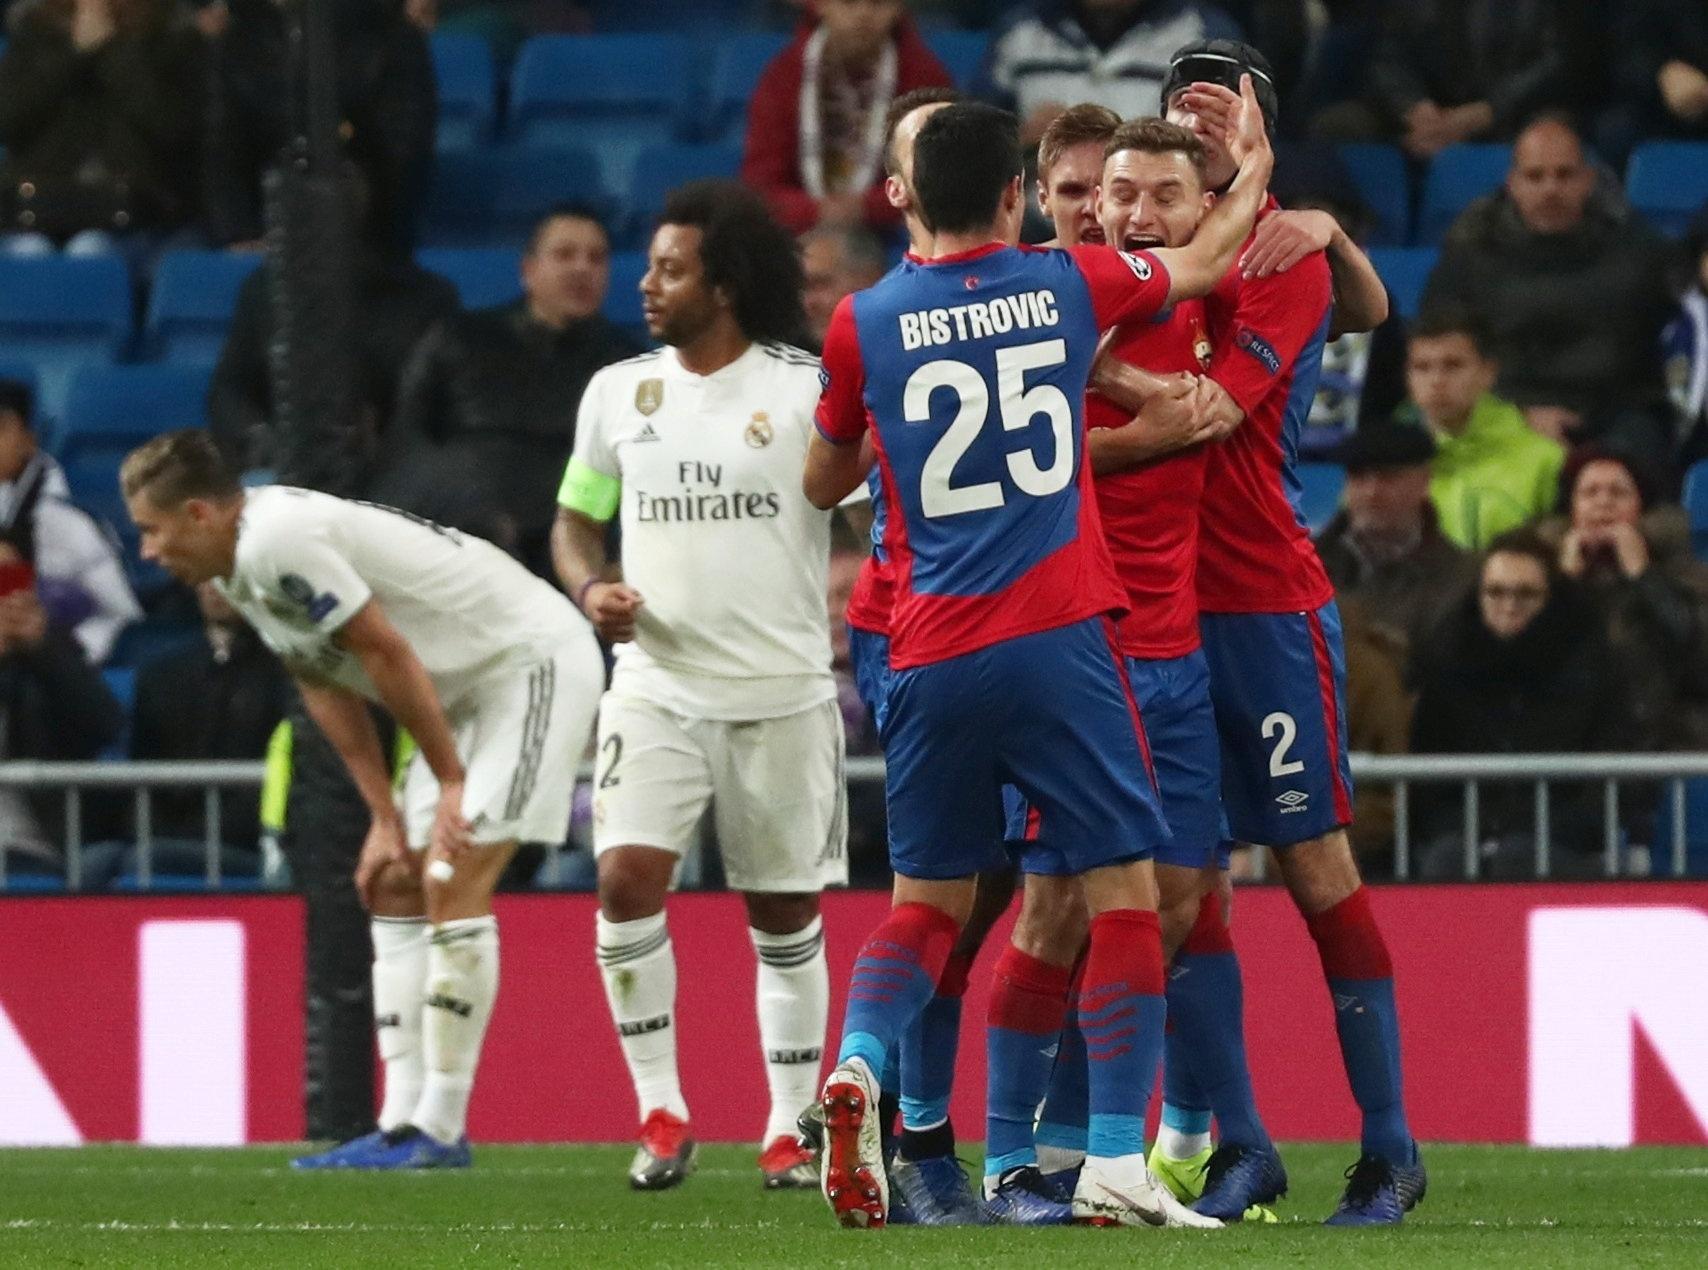 Jogadores do CSKA comemoram gol diante do Real Madrid